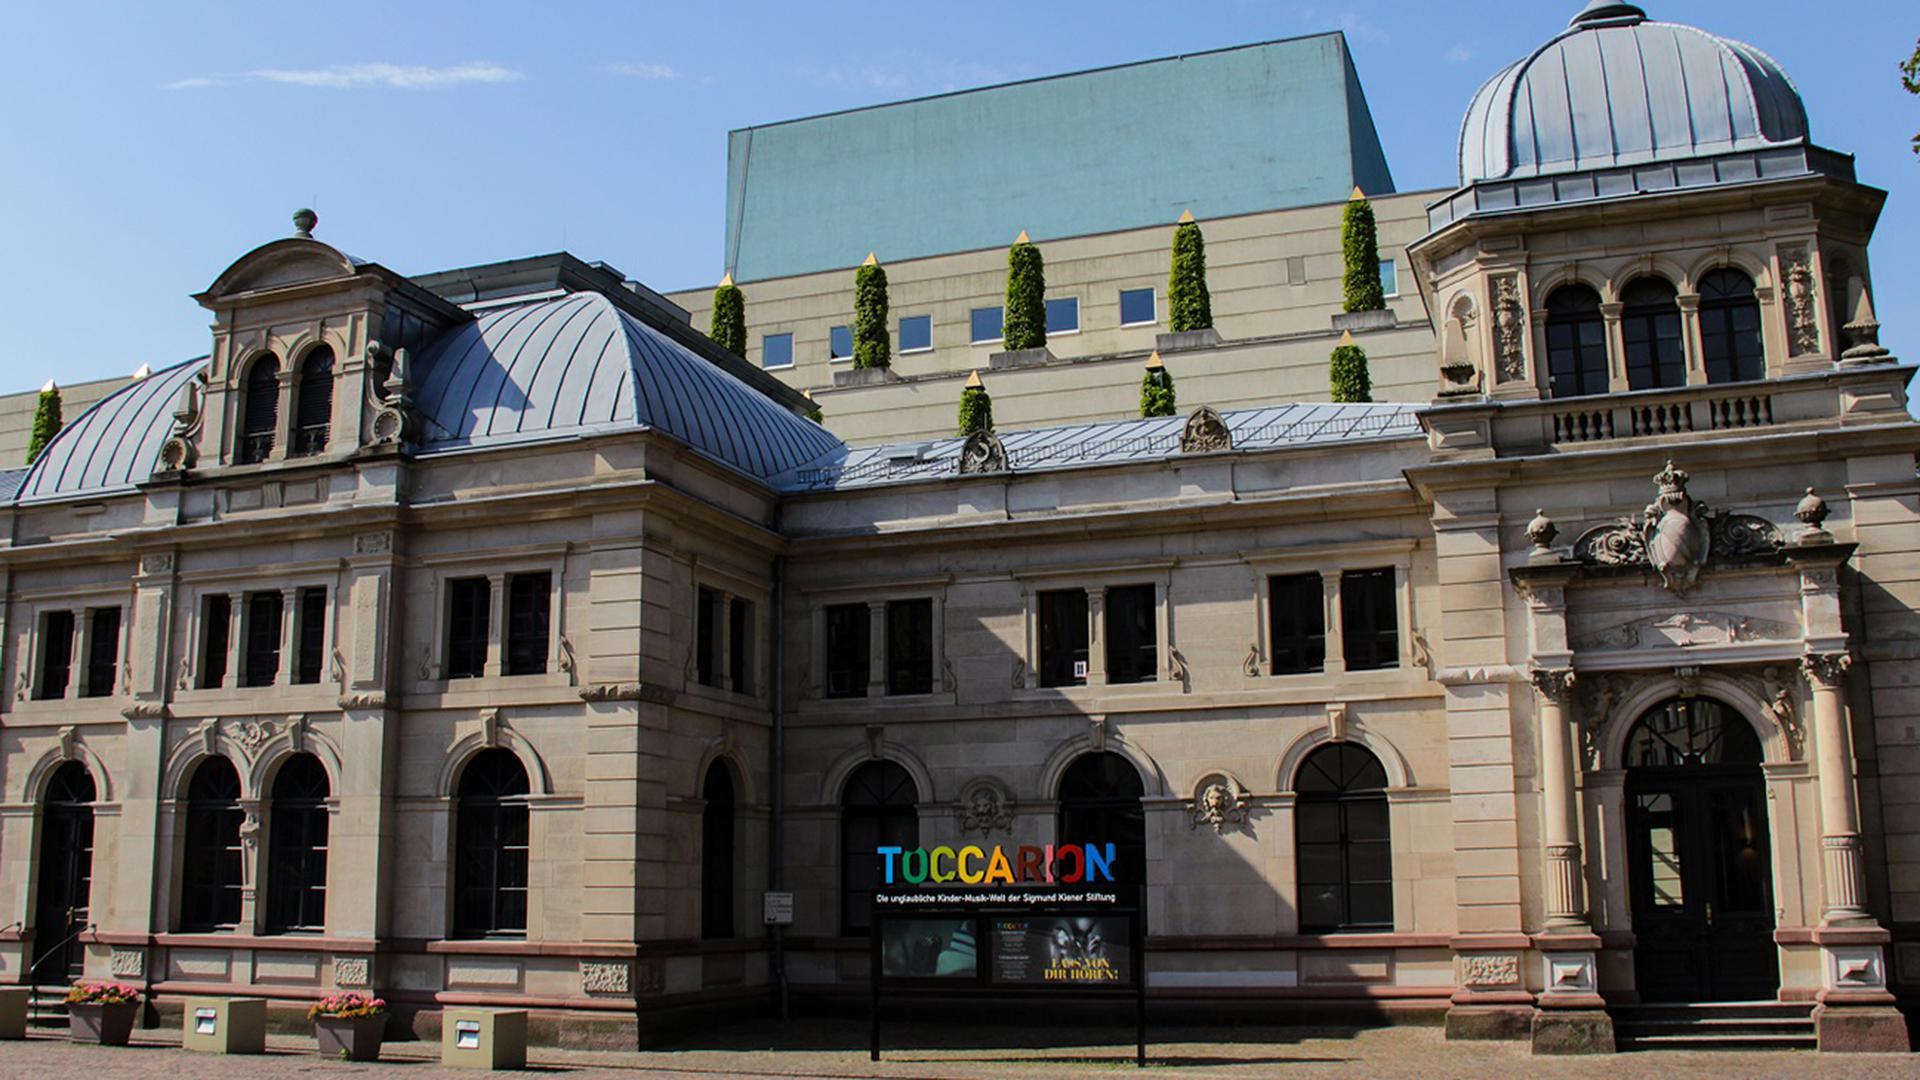 Die Kinder-Musik-Welt Toccarion teilt sich den Alten Bahnhof mit dem Festspielhaus Baden-Baden.